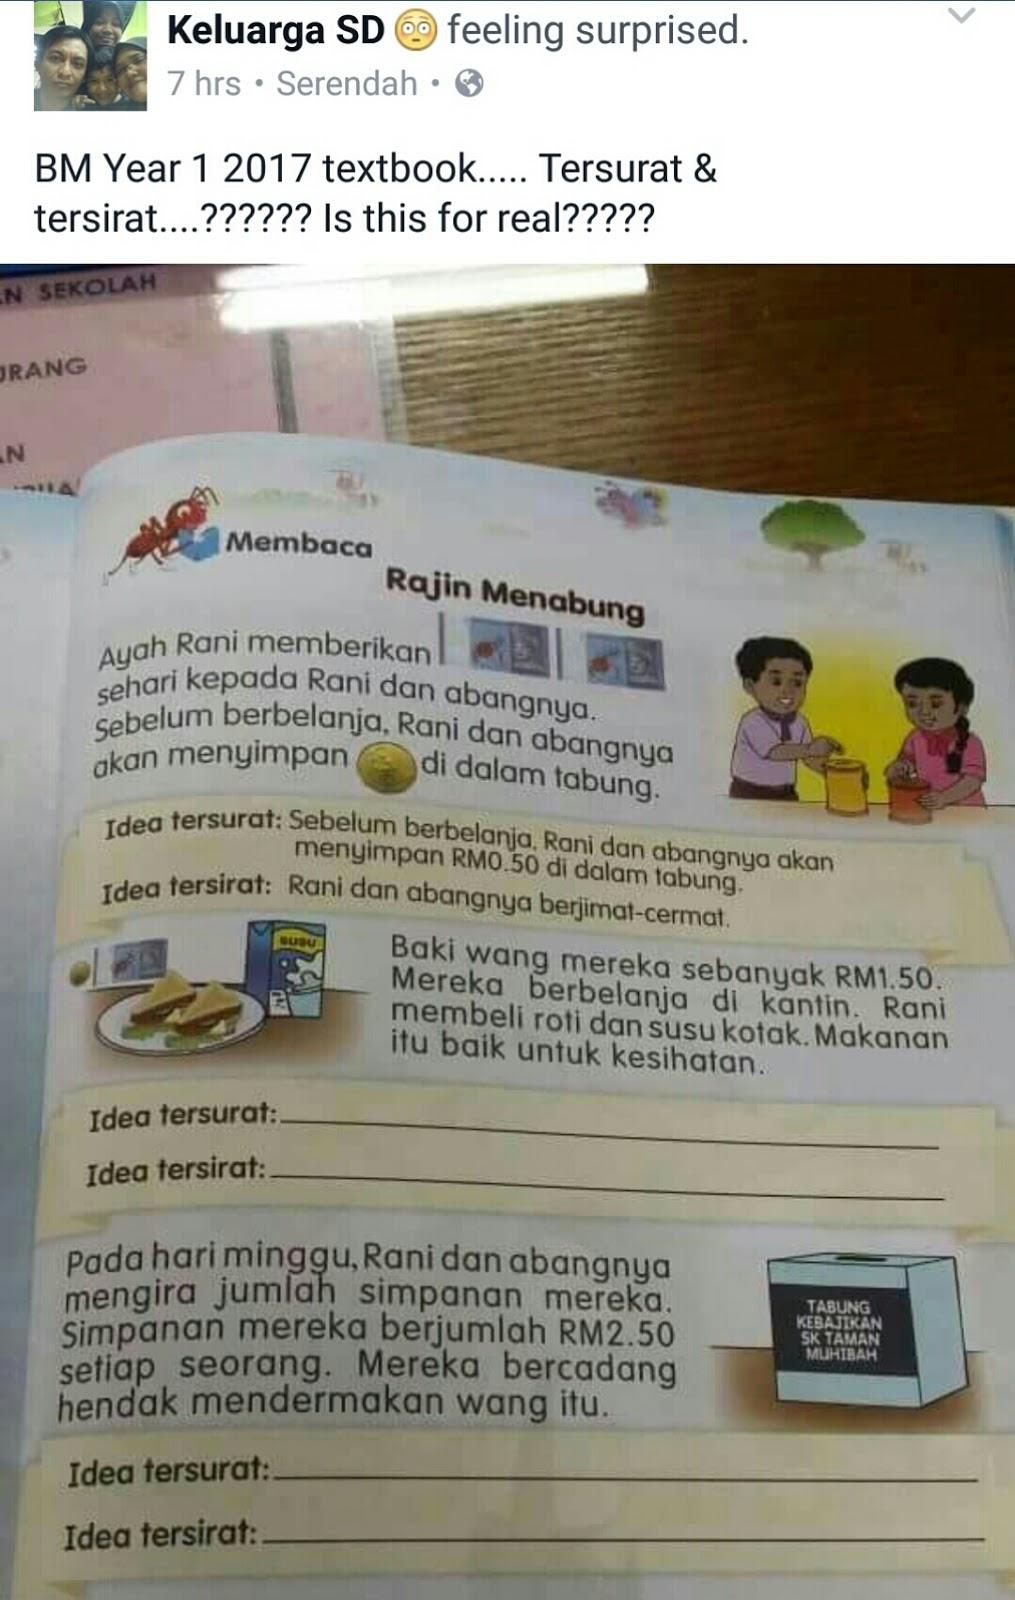 Elemen Kbat Dalam Buku Teks Tahun 1 Cetus Kerisauan Ibu Bapa Guru Kumpulin Soal